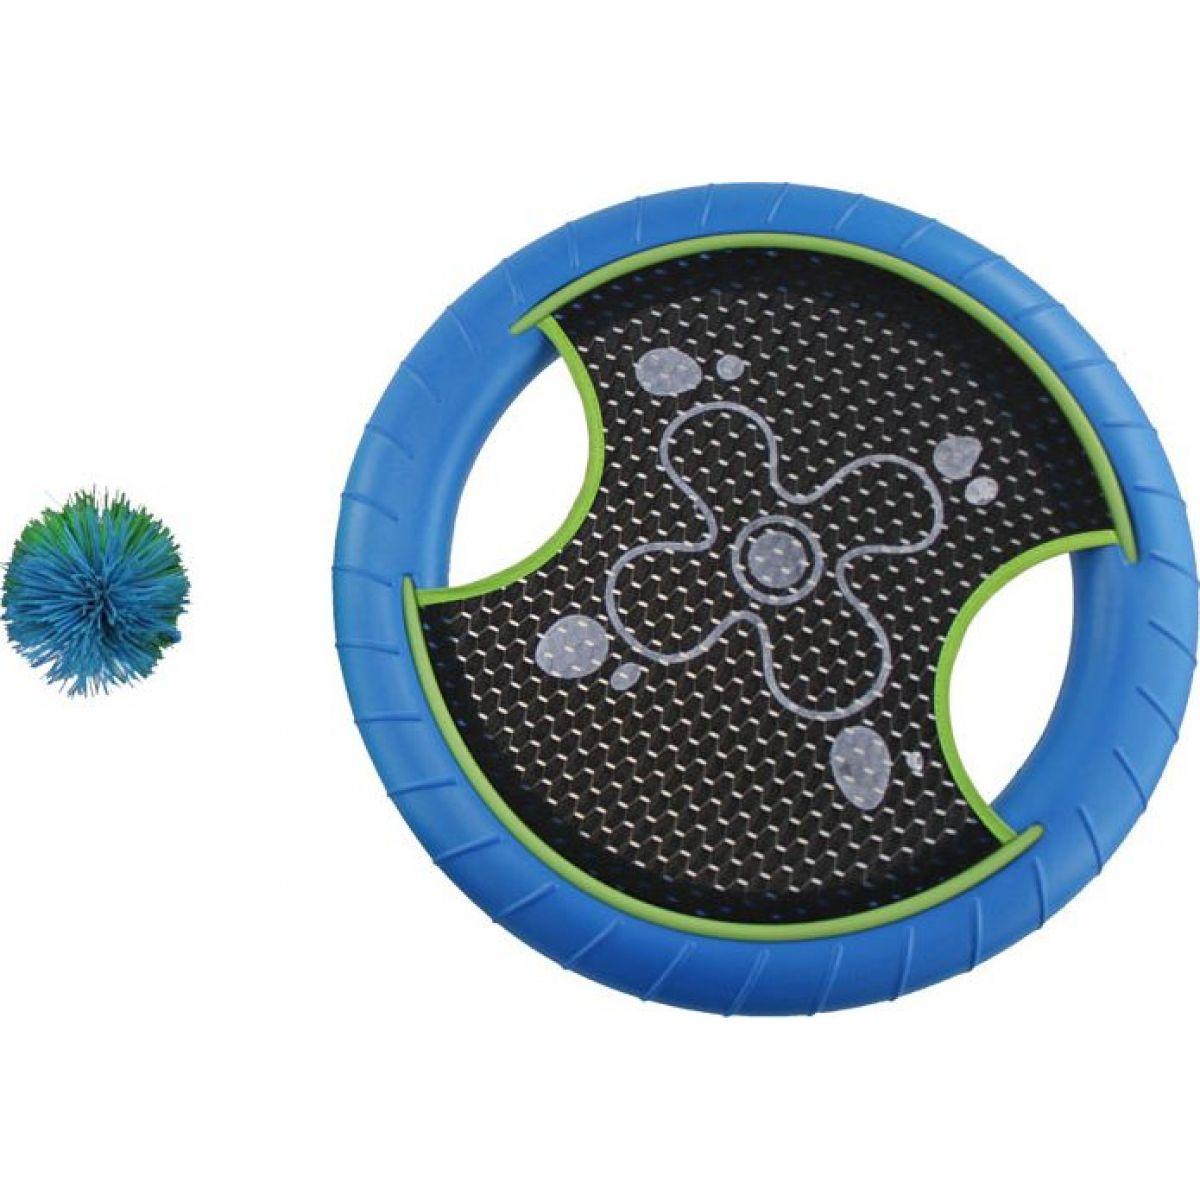 Phlat disc s míčkem modrý